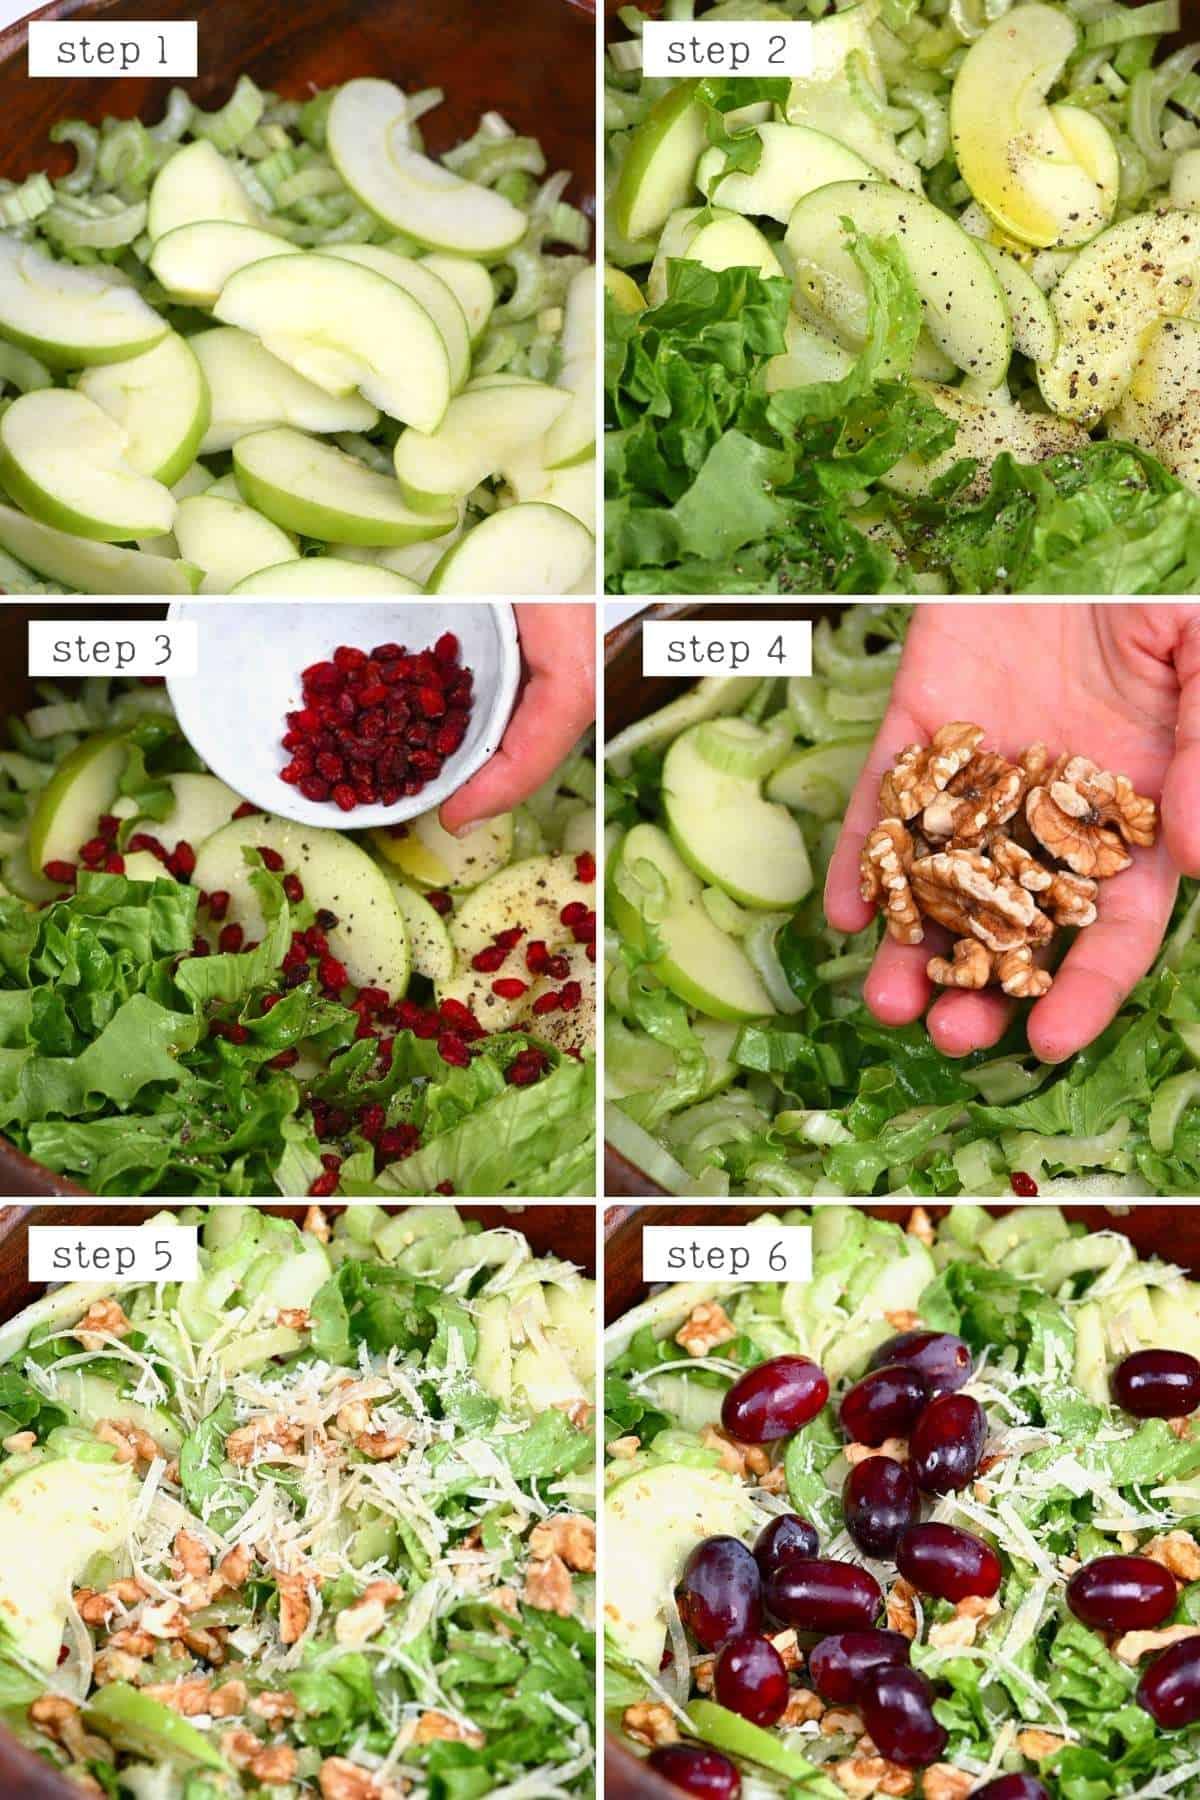 Steps for preparing celery salad